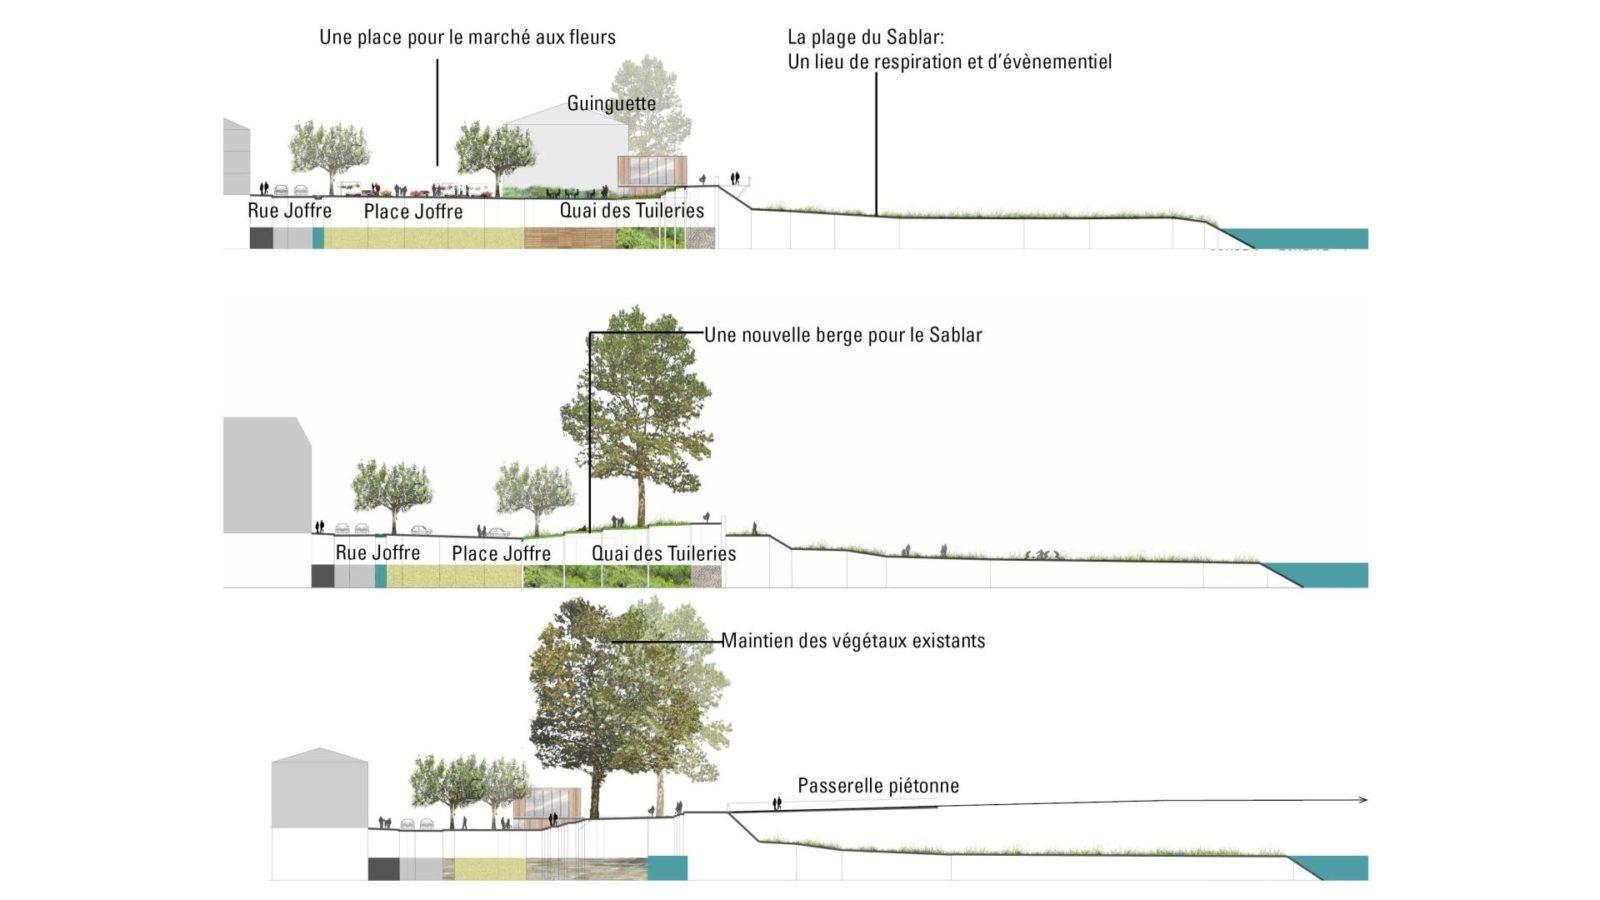 Rénovation du cœur de ville - Mutabilis